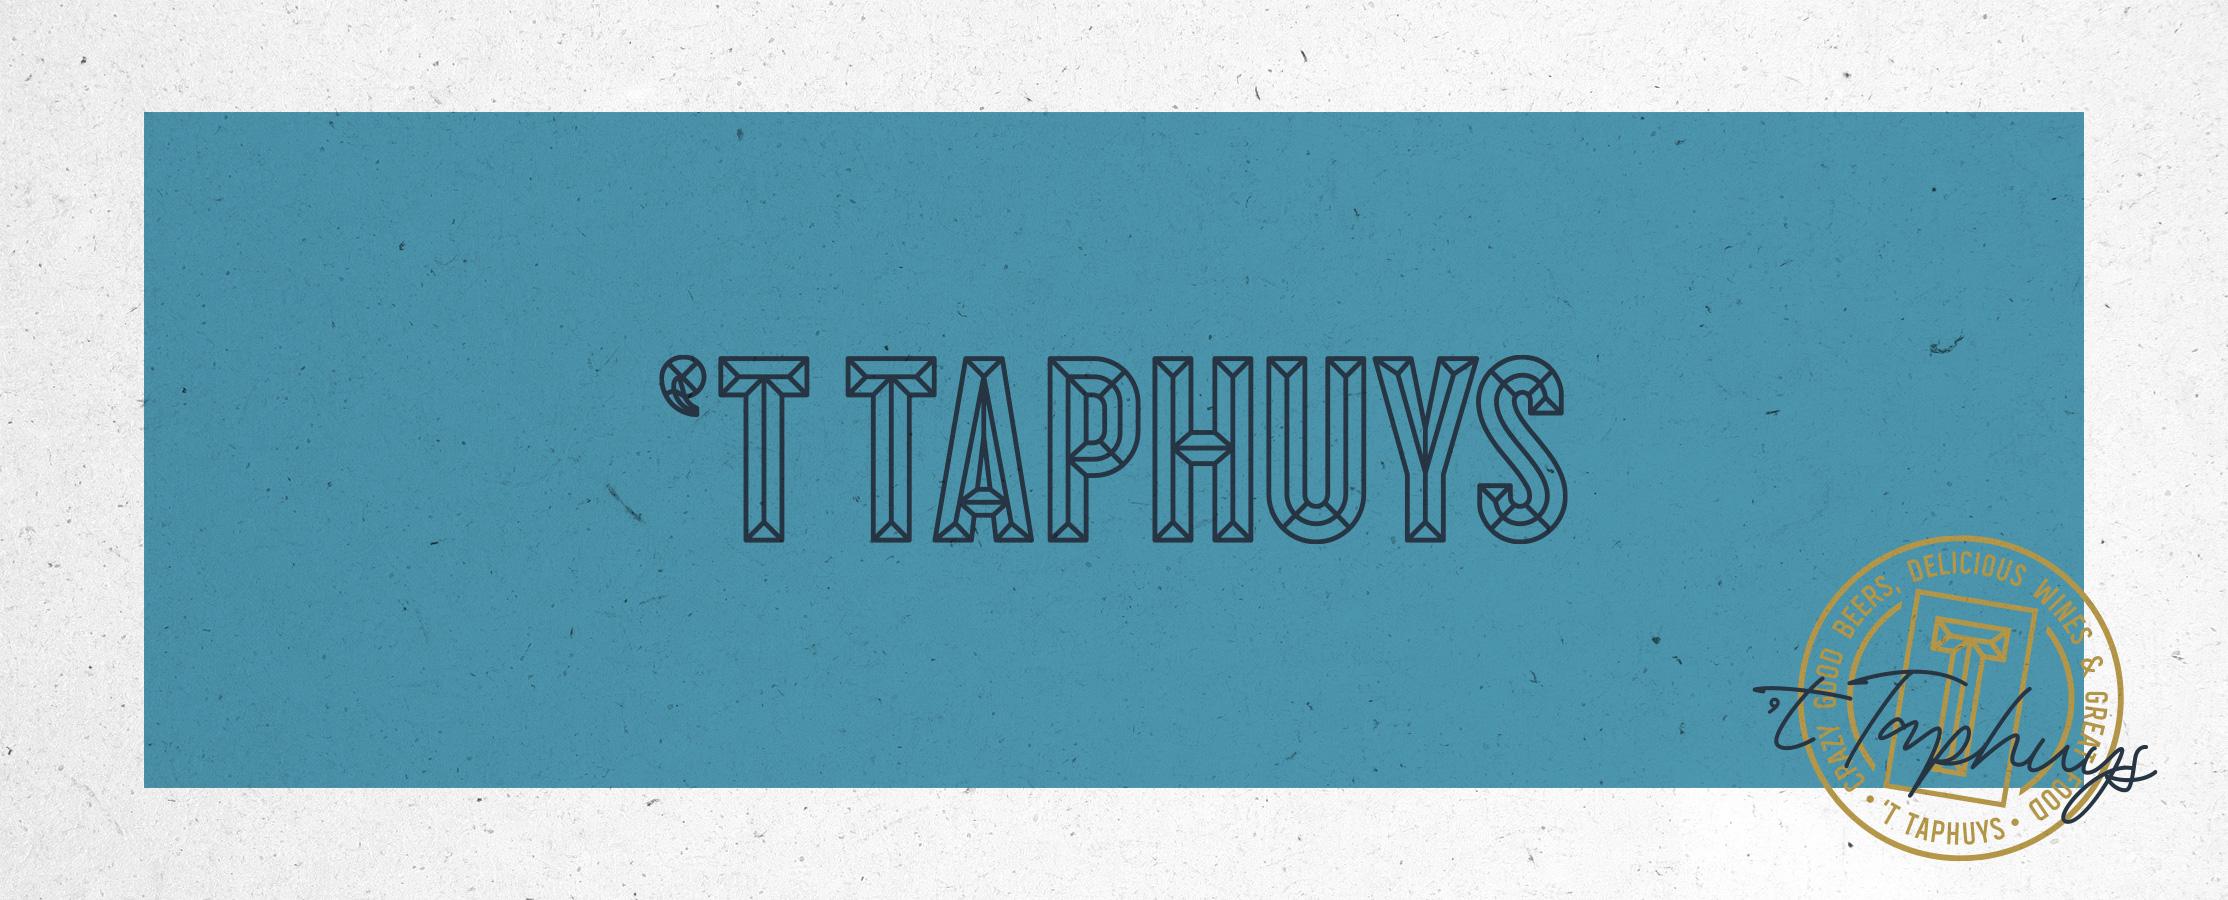 Taphuys logo